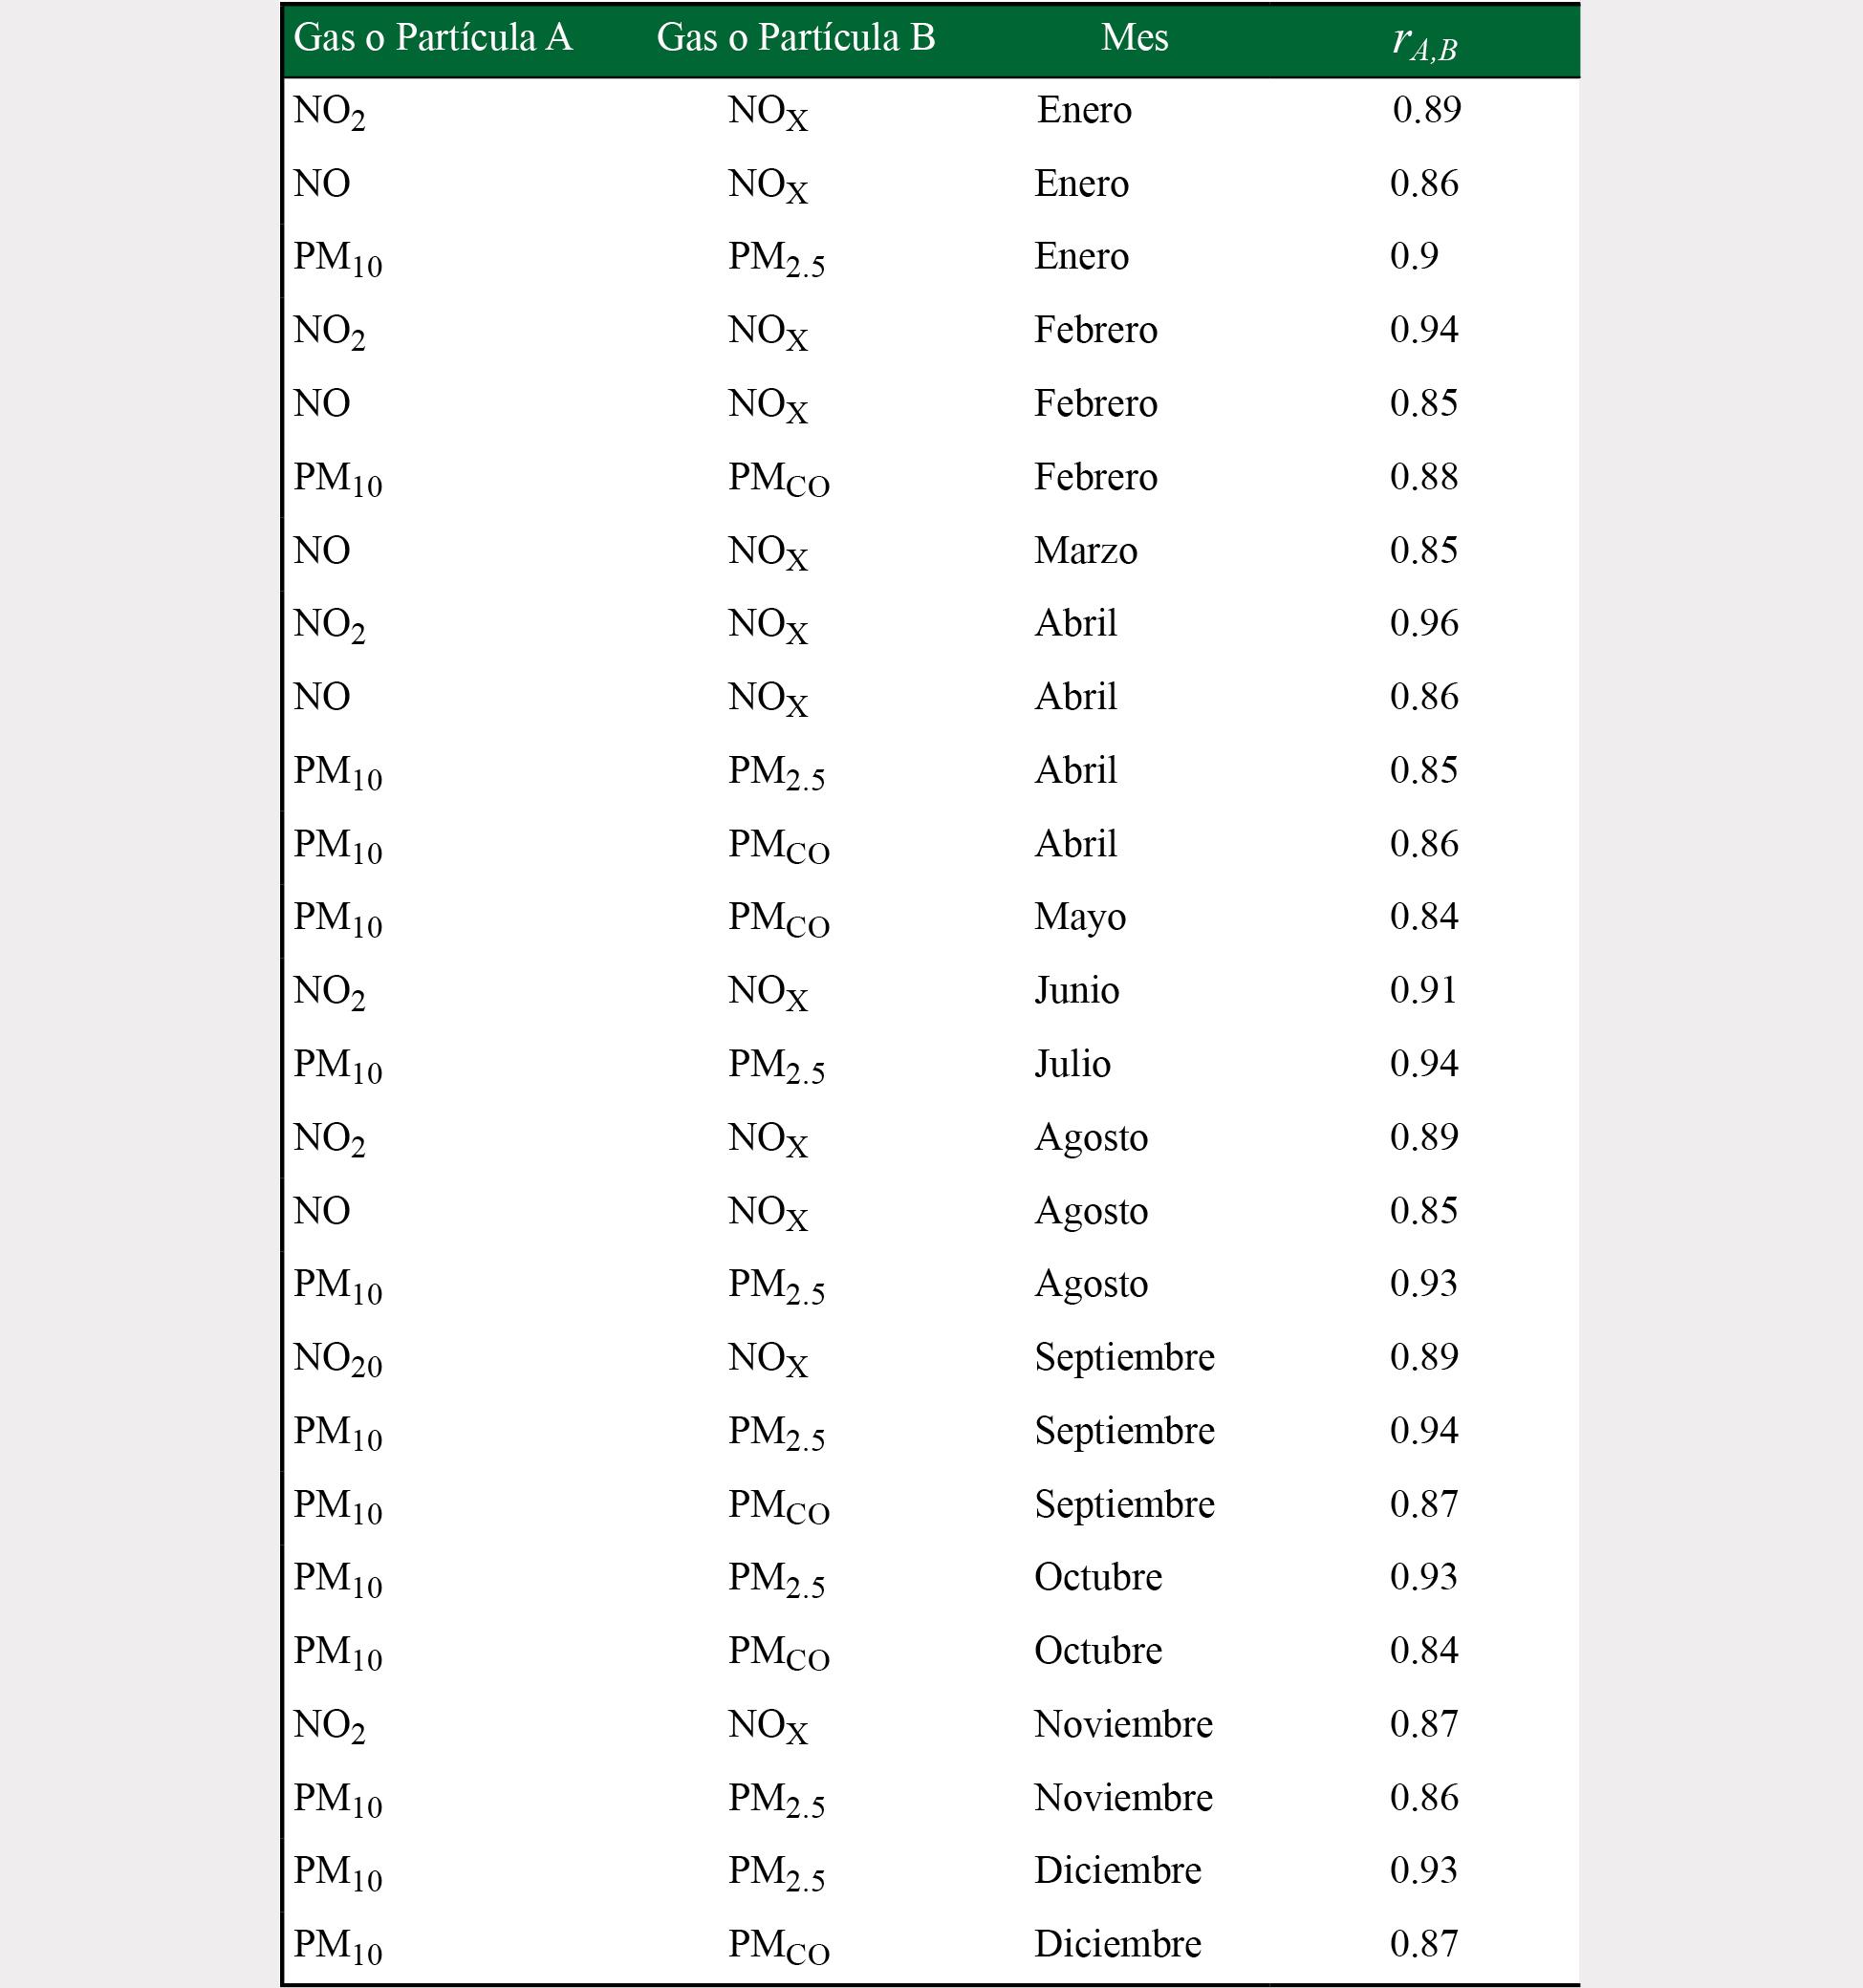 Pares de datos de partículas y gases contaminantes para los cuales se obtuvo un coeficiente de correlación mayor a 0.8 y mes al que corresponden para la estación Ajusco Medio